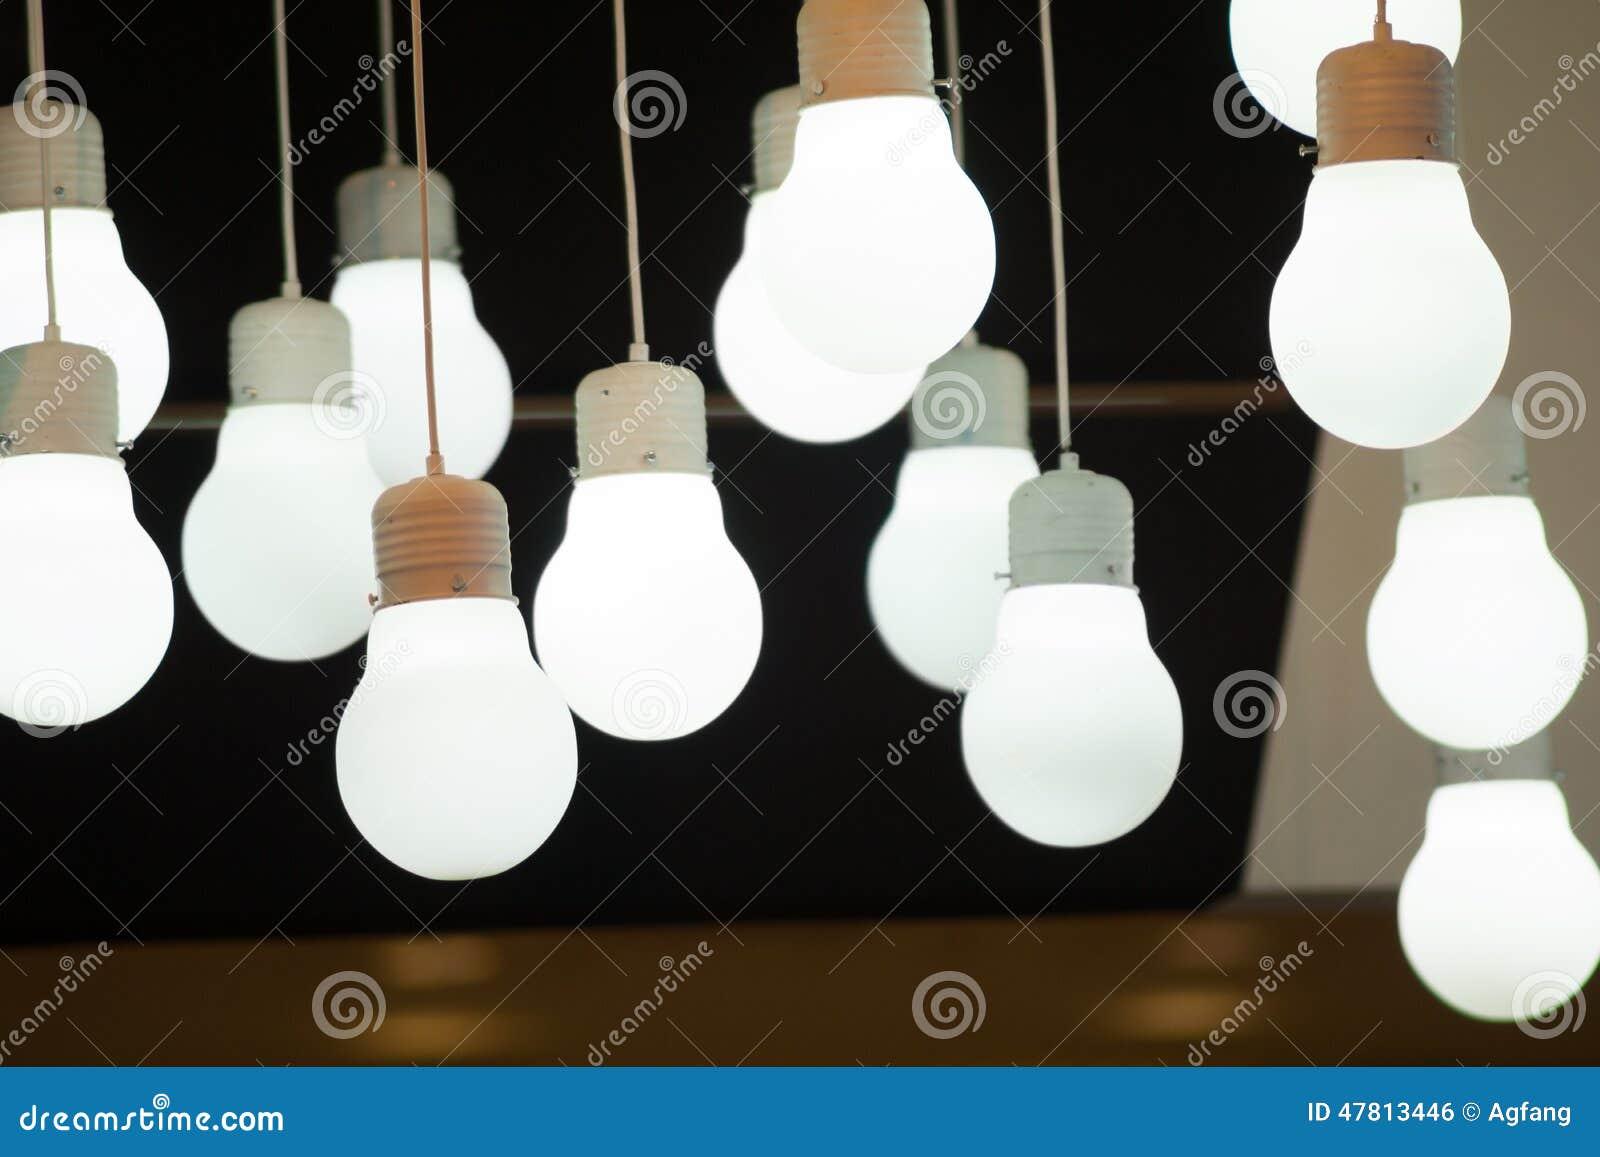 Hangende Lampen Stockfoto Bild Von Leuchtend Energie 47813446